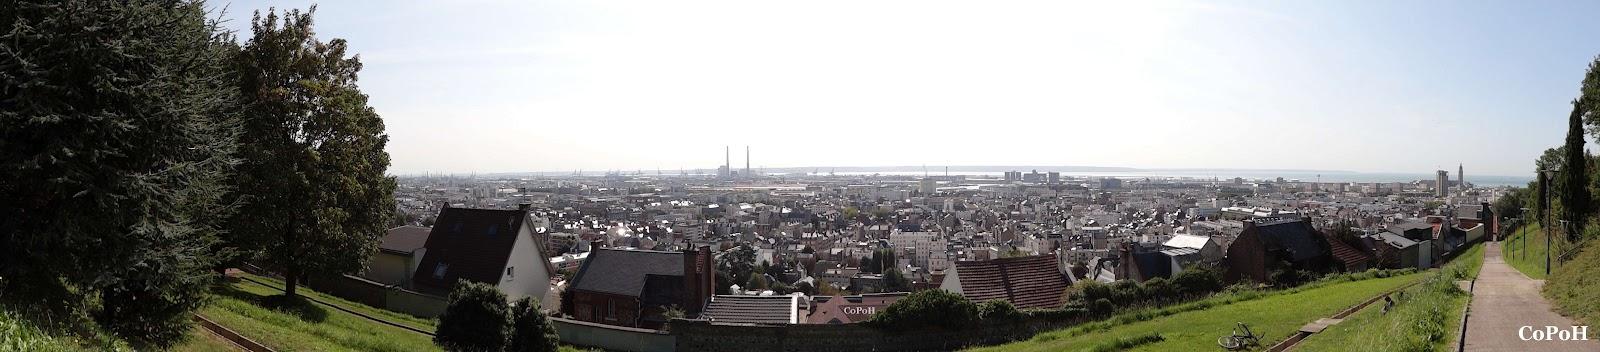 Vue Panoramique du Havre Felix Faure baie de seine